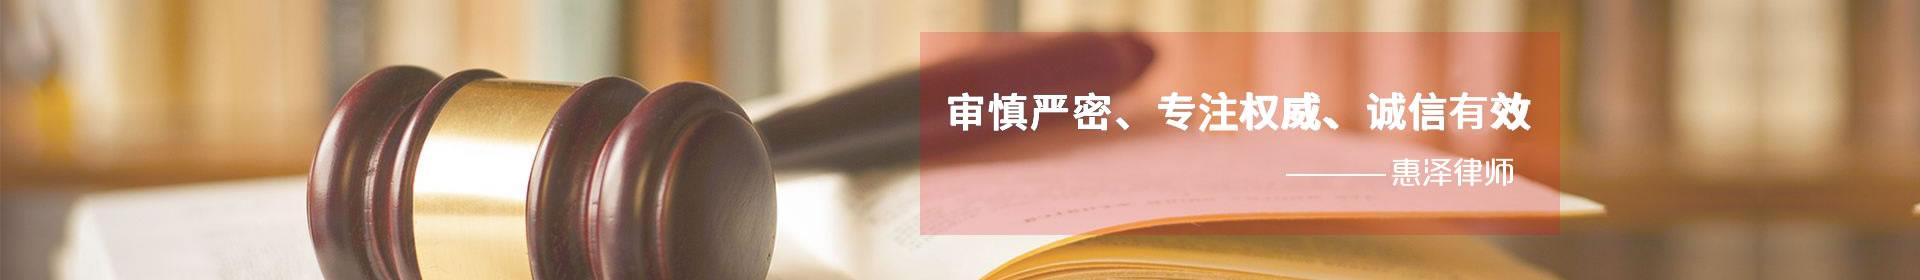 陕西惠泽律师